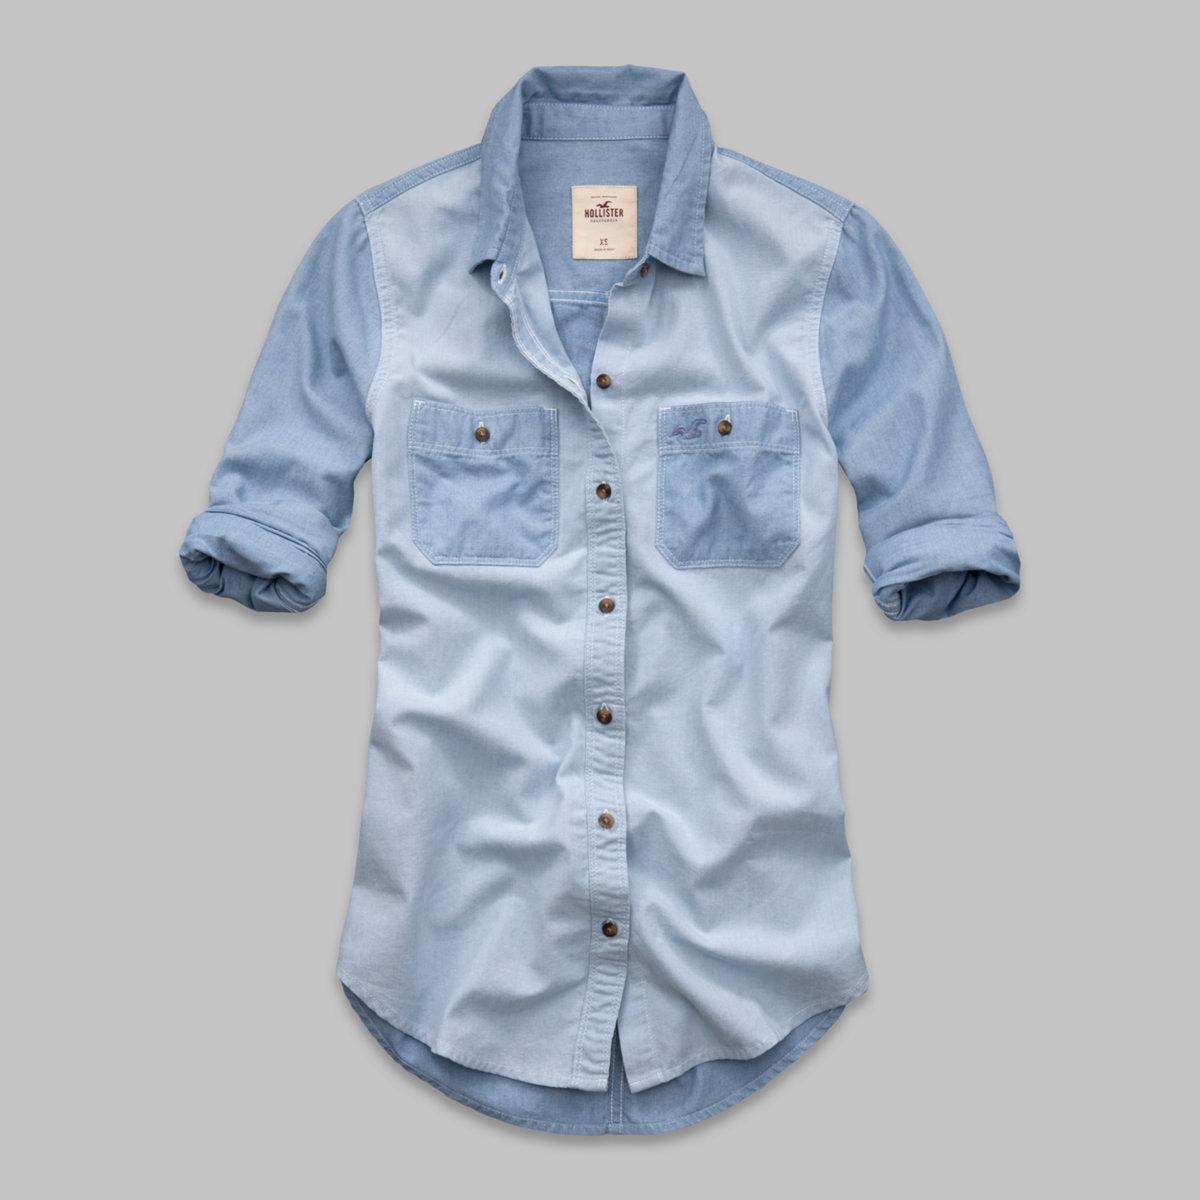 Abalone Cove Chambray Shirt